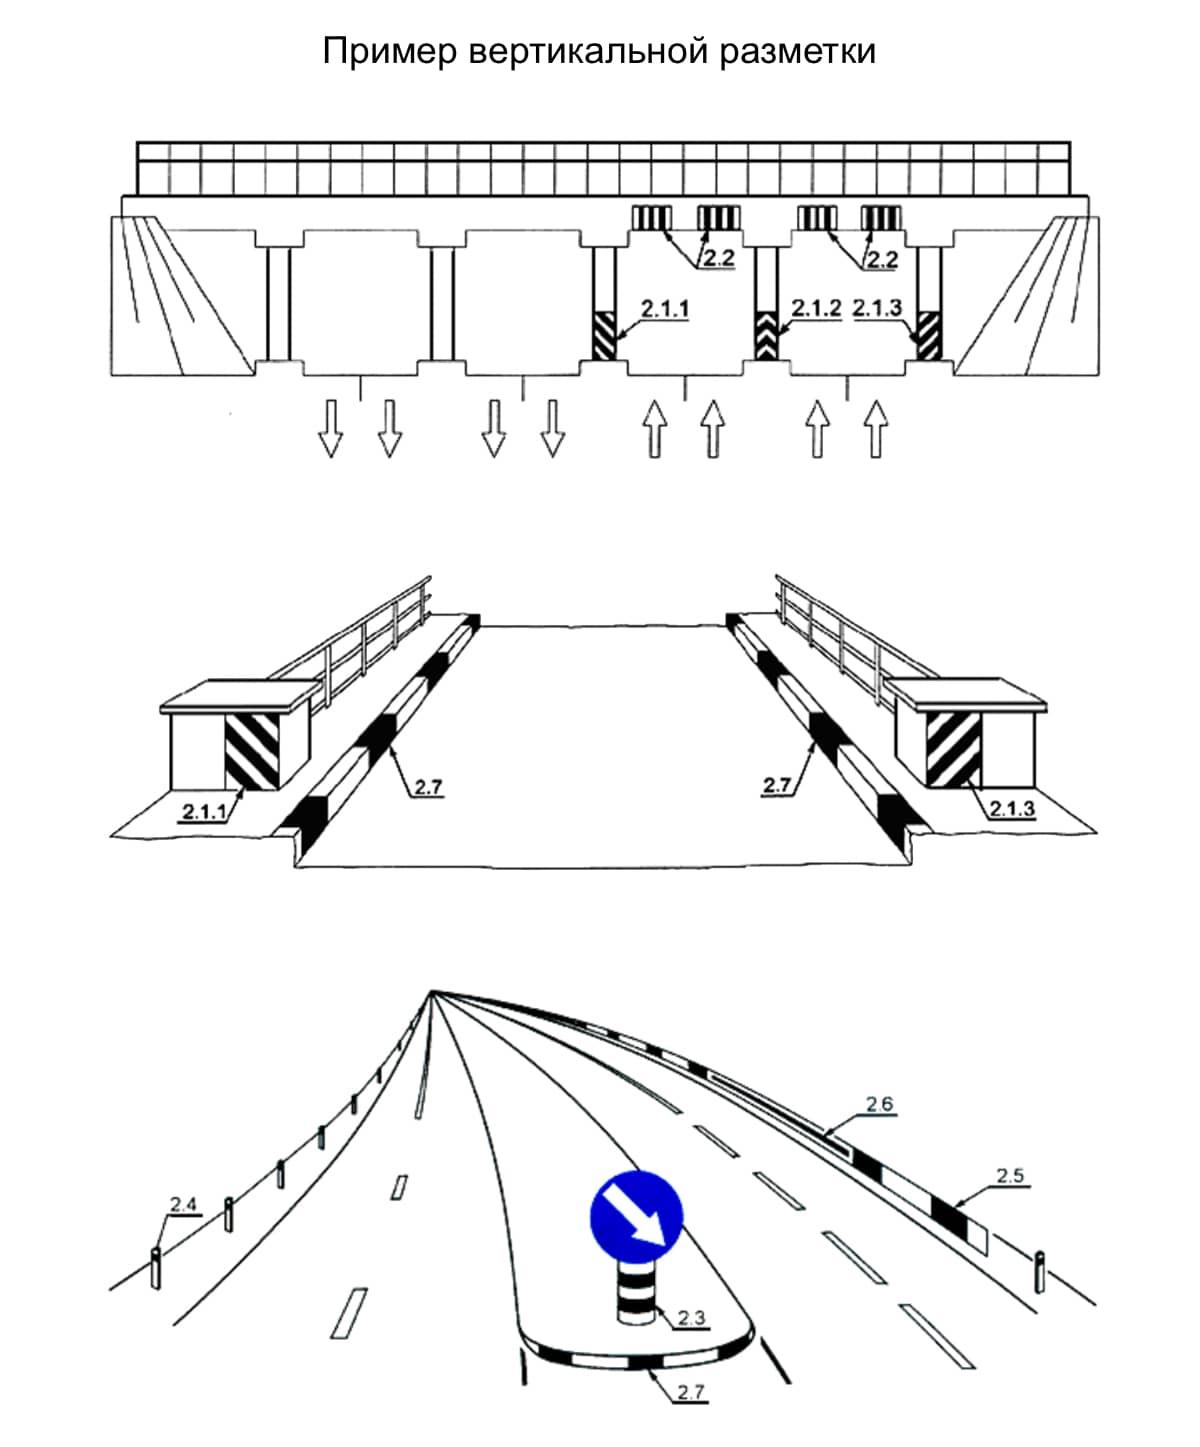 Примеры нанесения вертикальной разметки